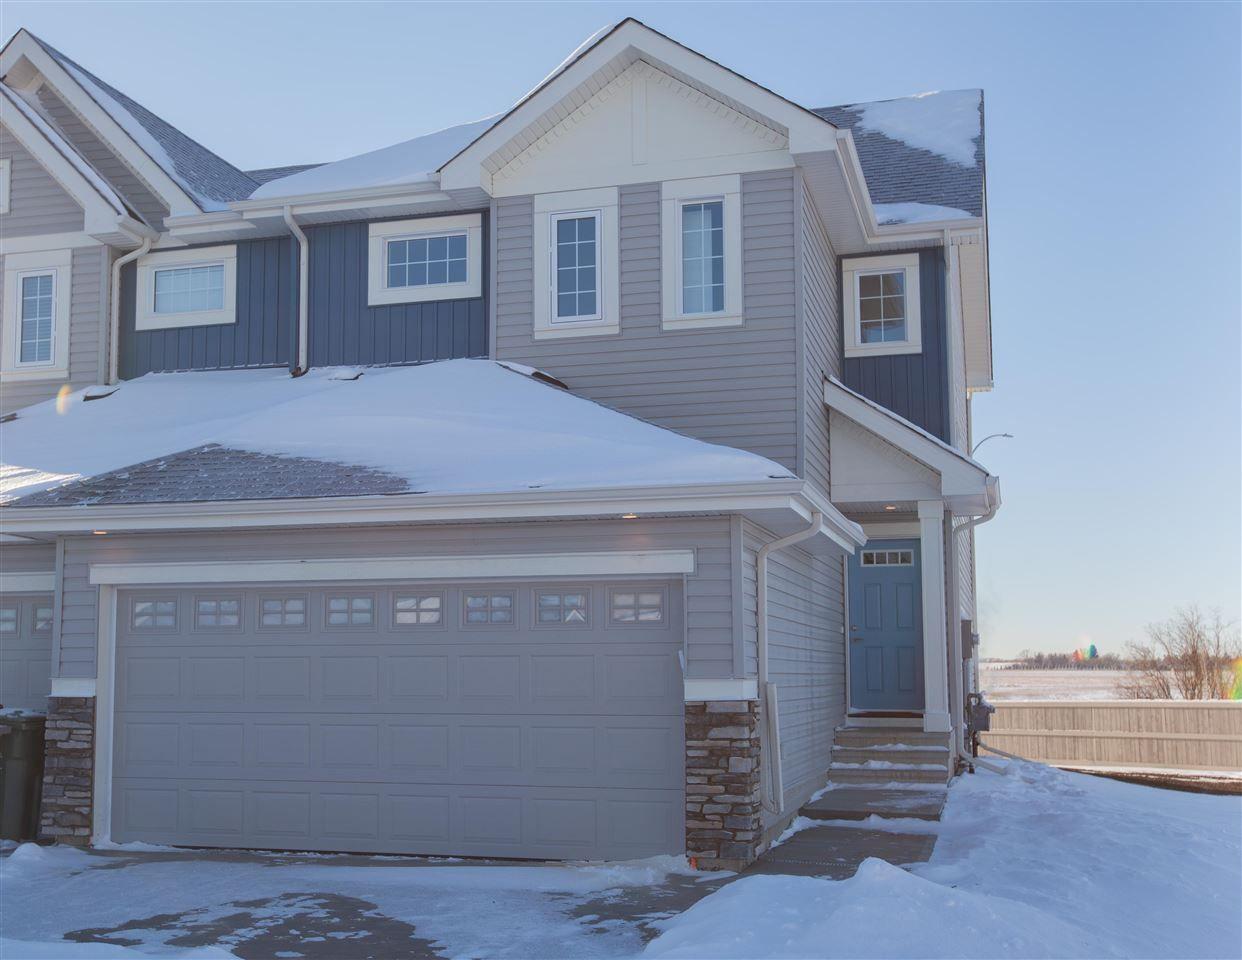 Main Photo: 6527 57 Avenue: Beaumont House Half Duplex for sale : MLS®# E4148075